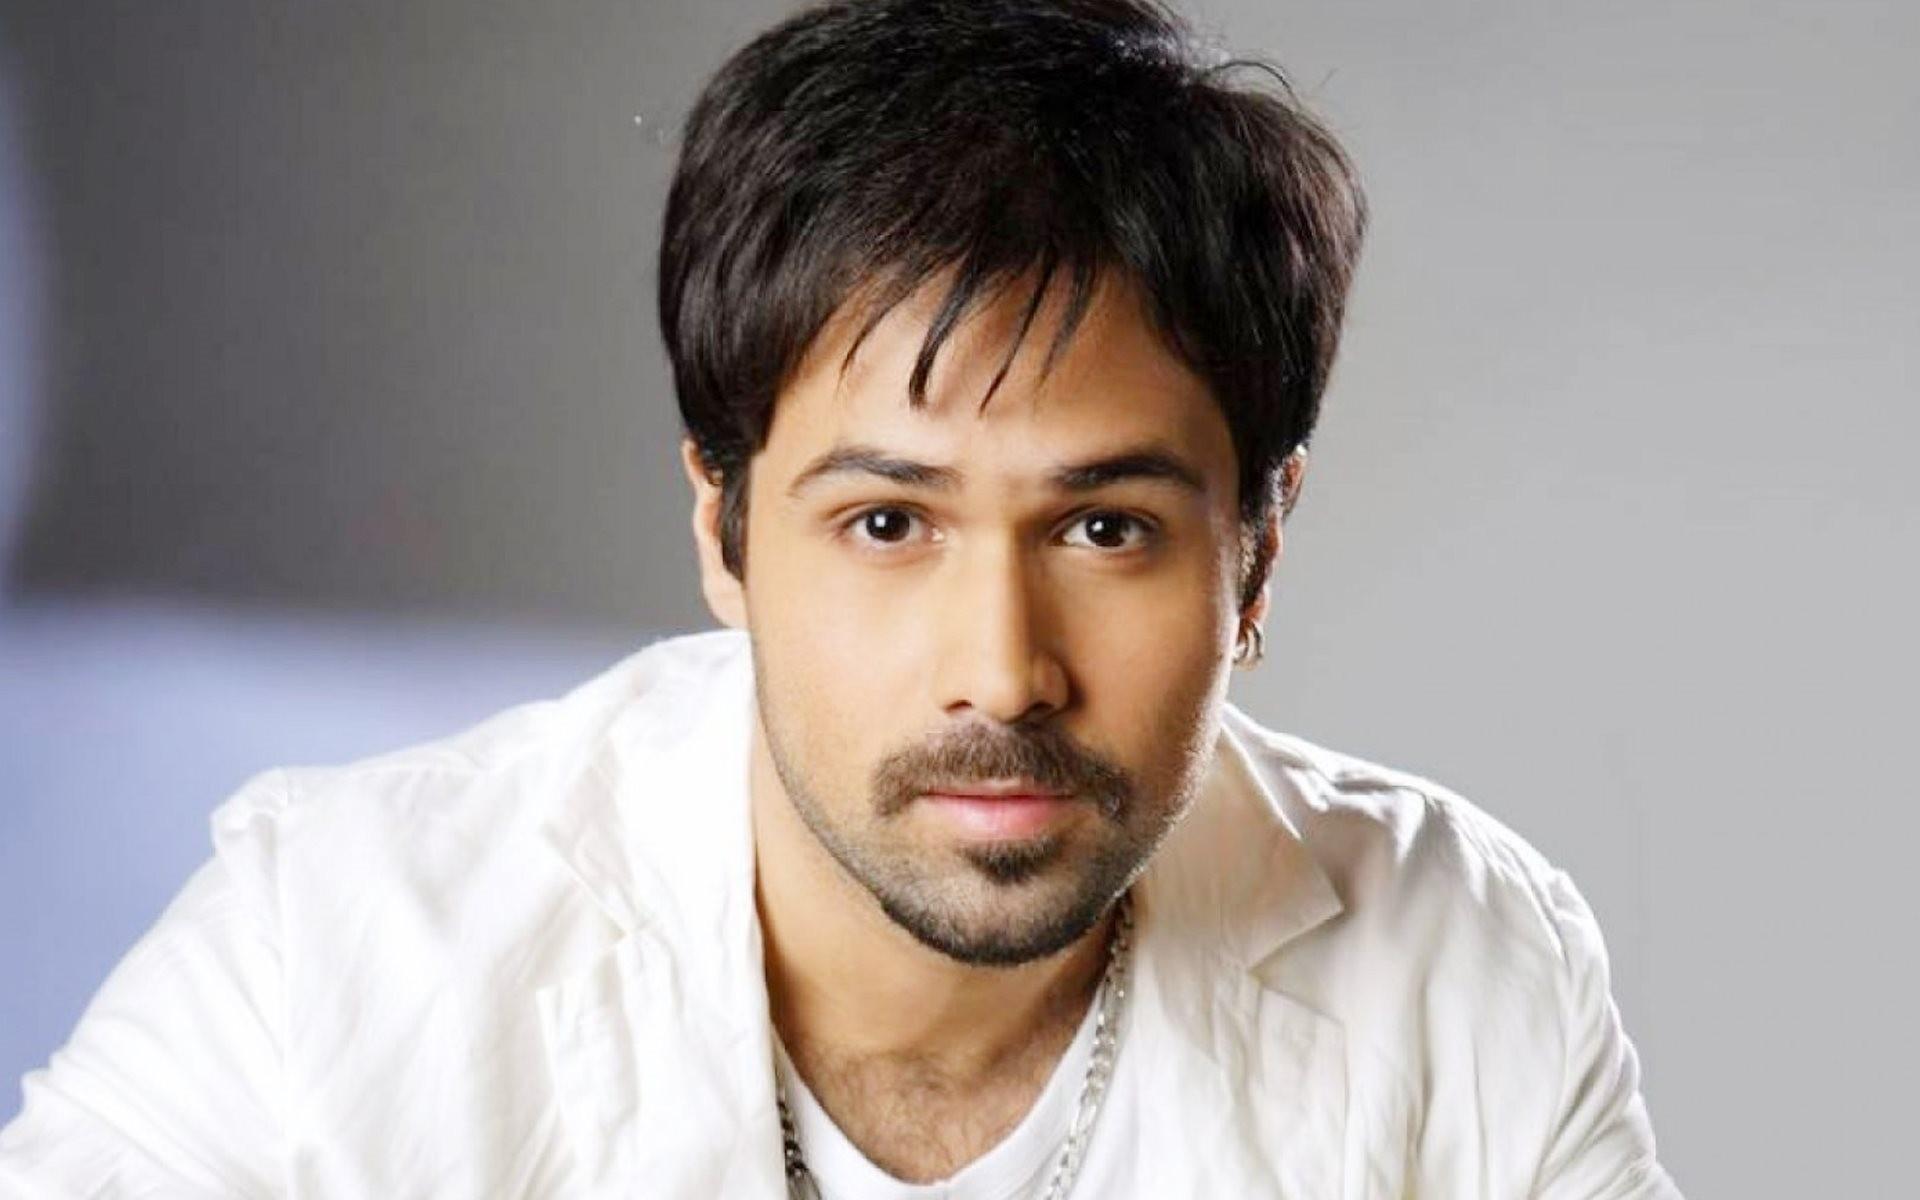 все индийские актеры мужчины фото с именами всегда